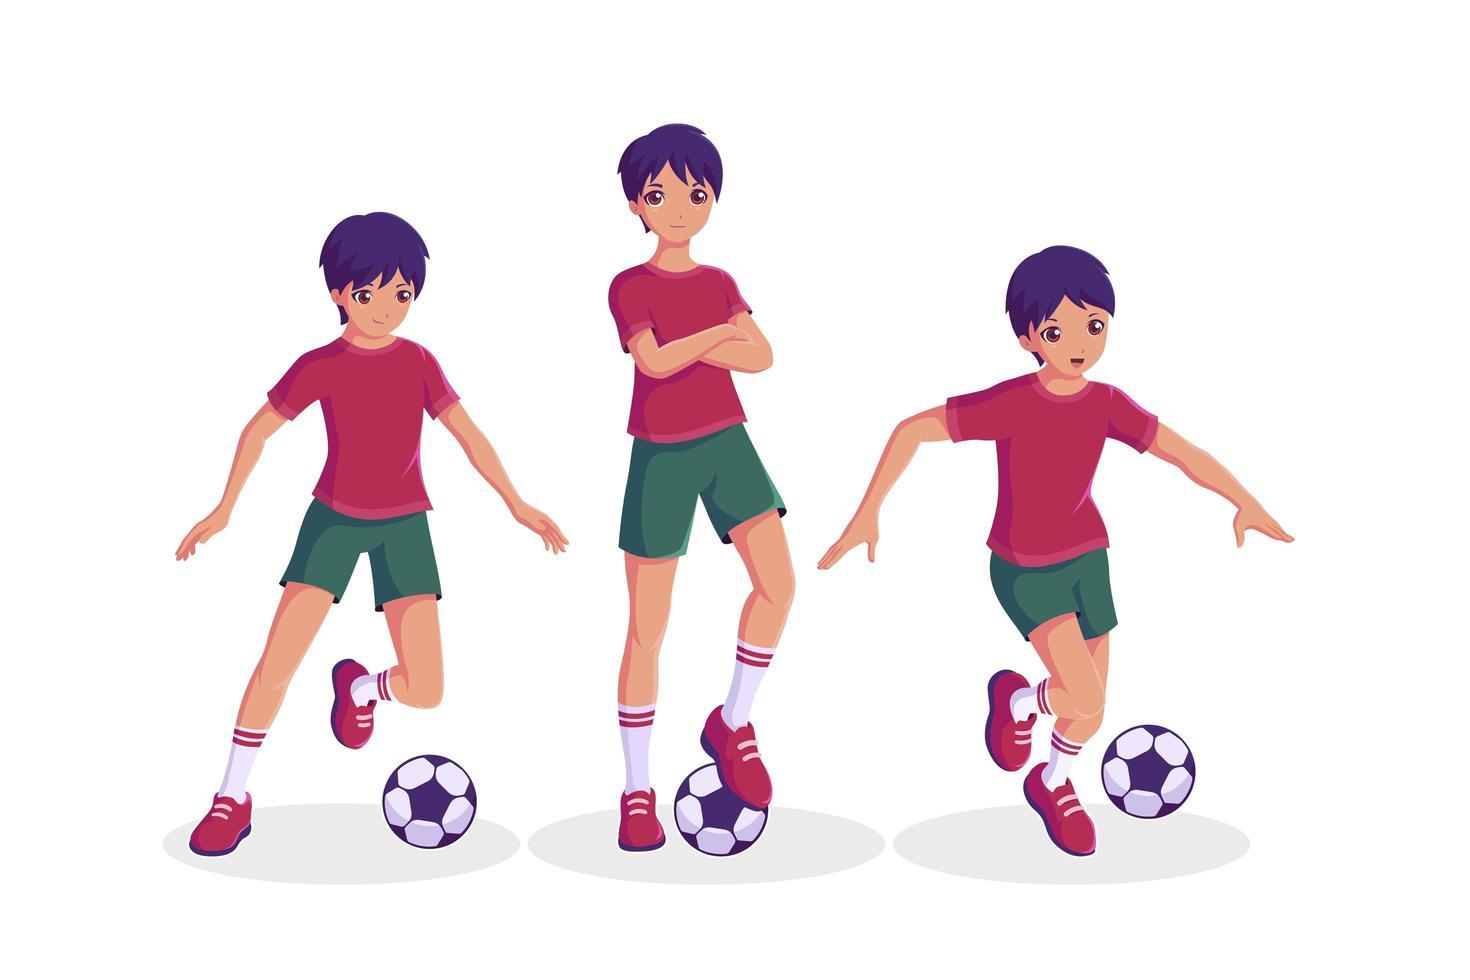 ragazzo che gioca a calcio collezione vettore